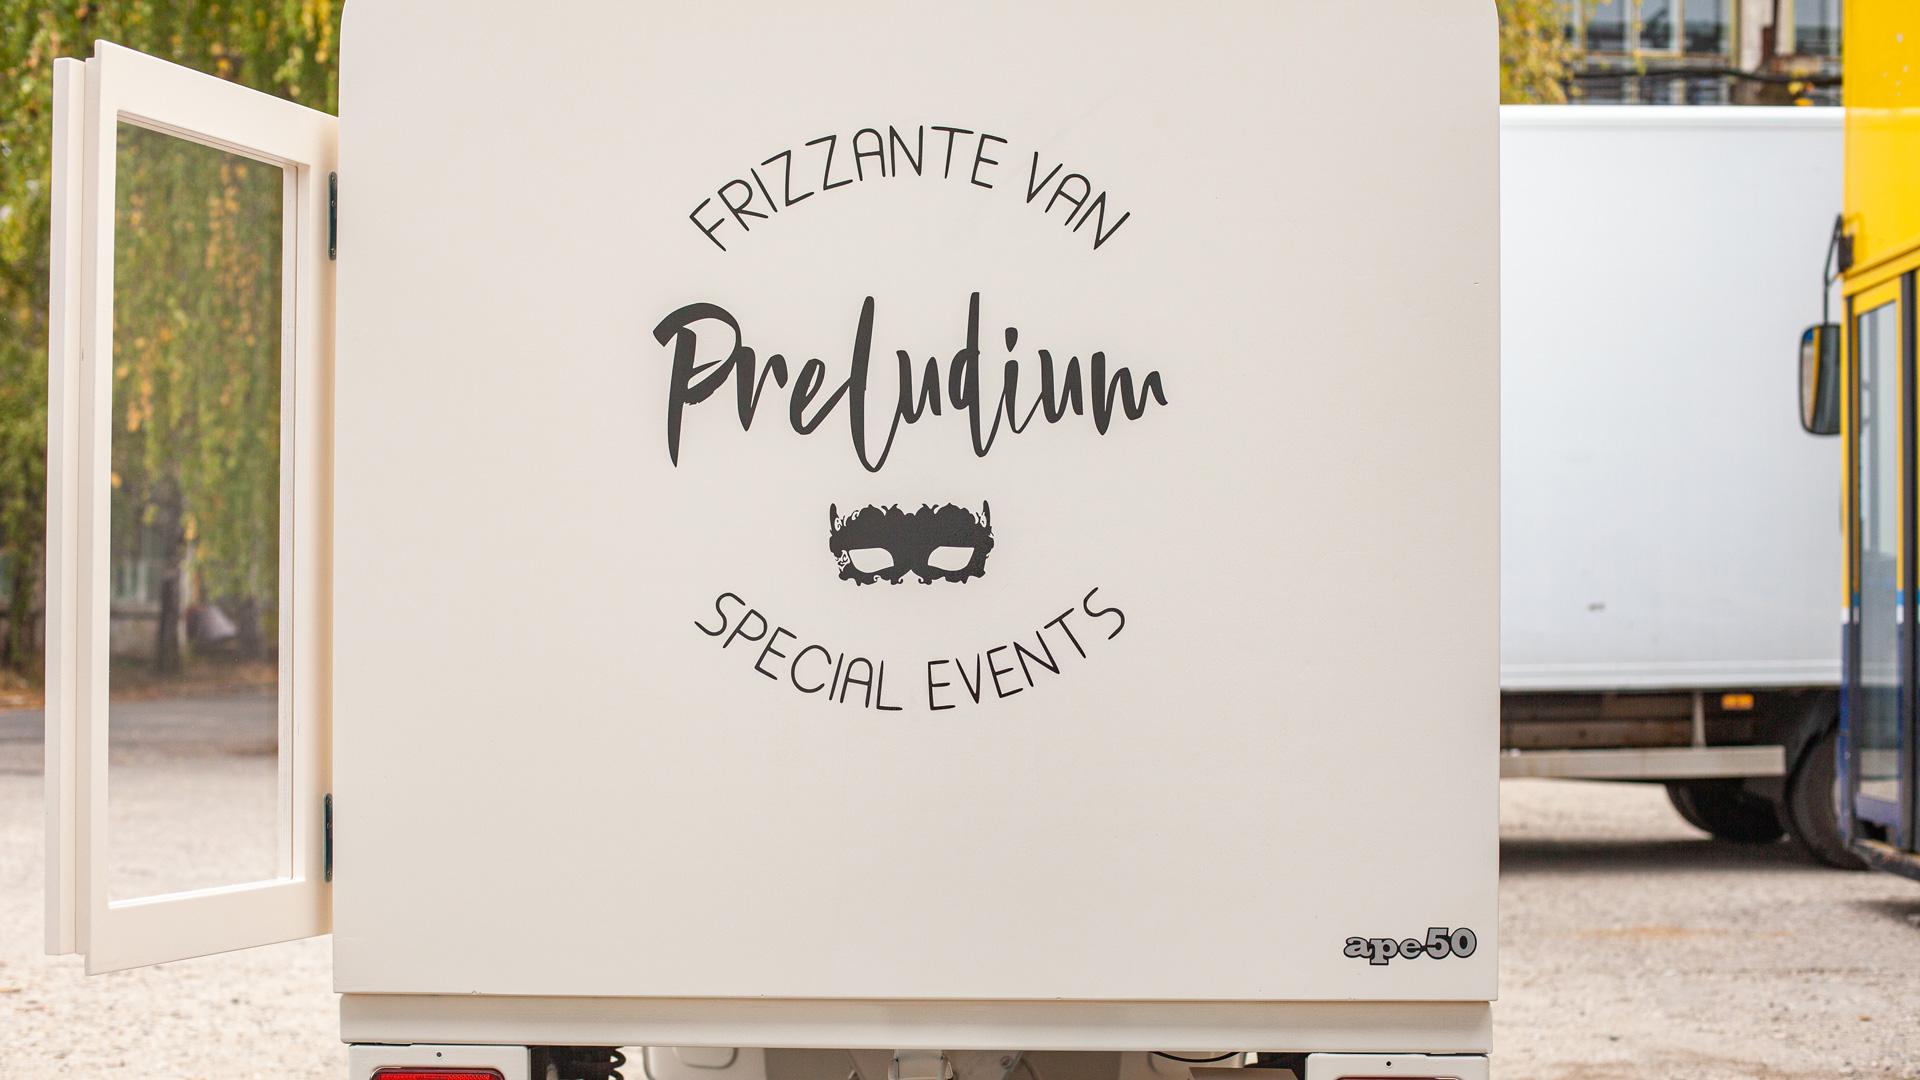 Frizzante_Preludium (7)